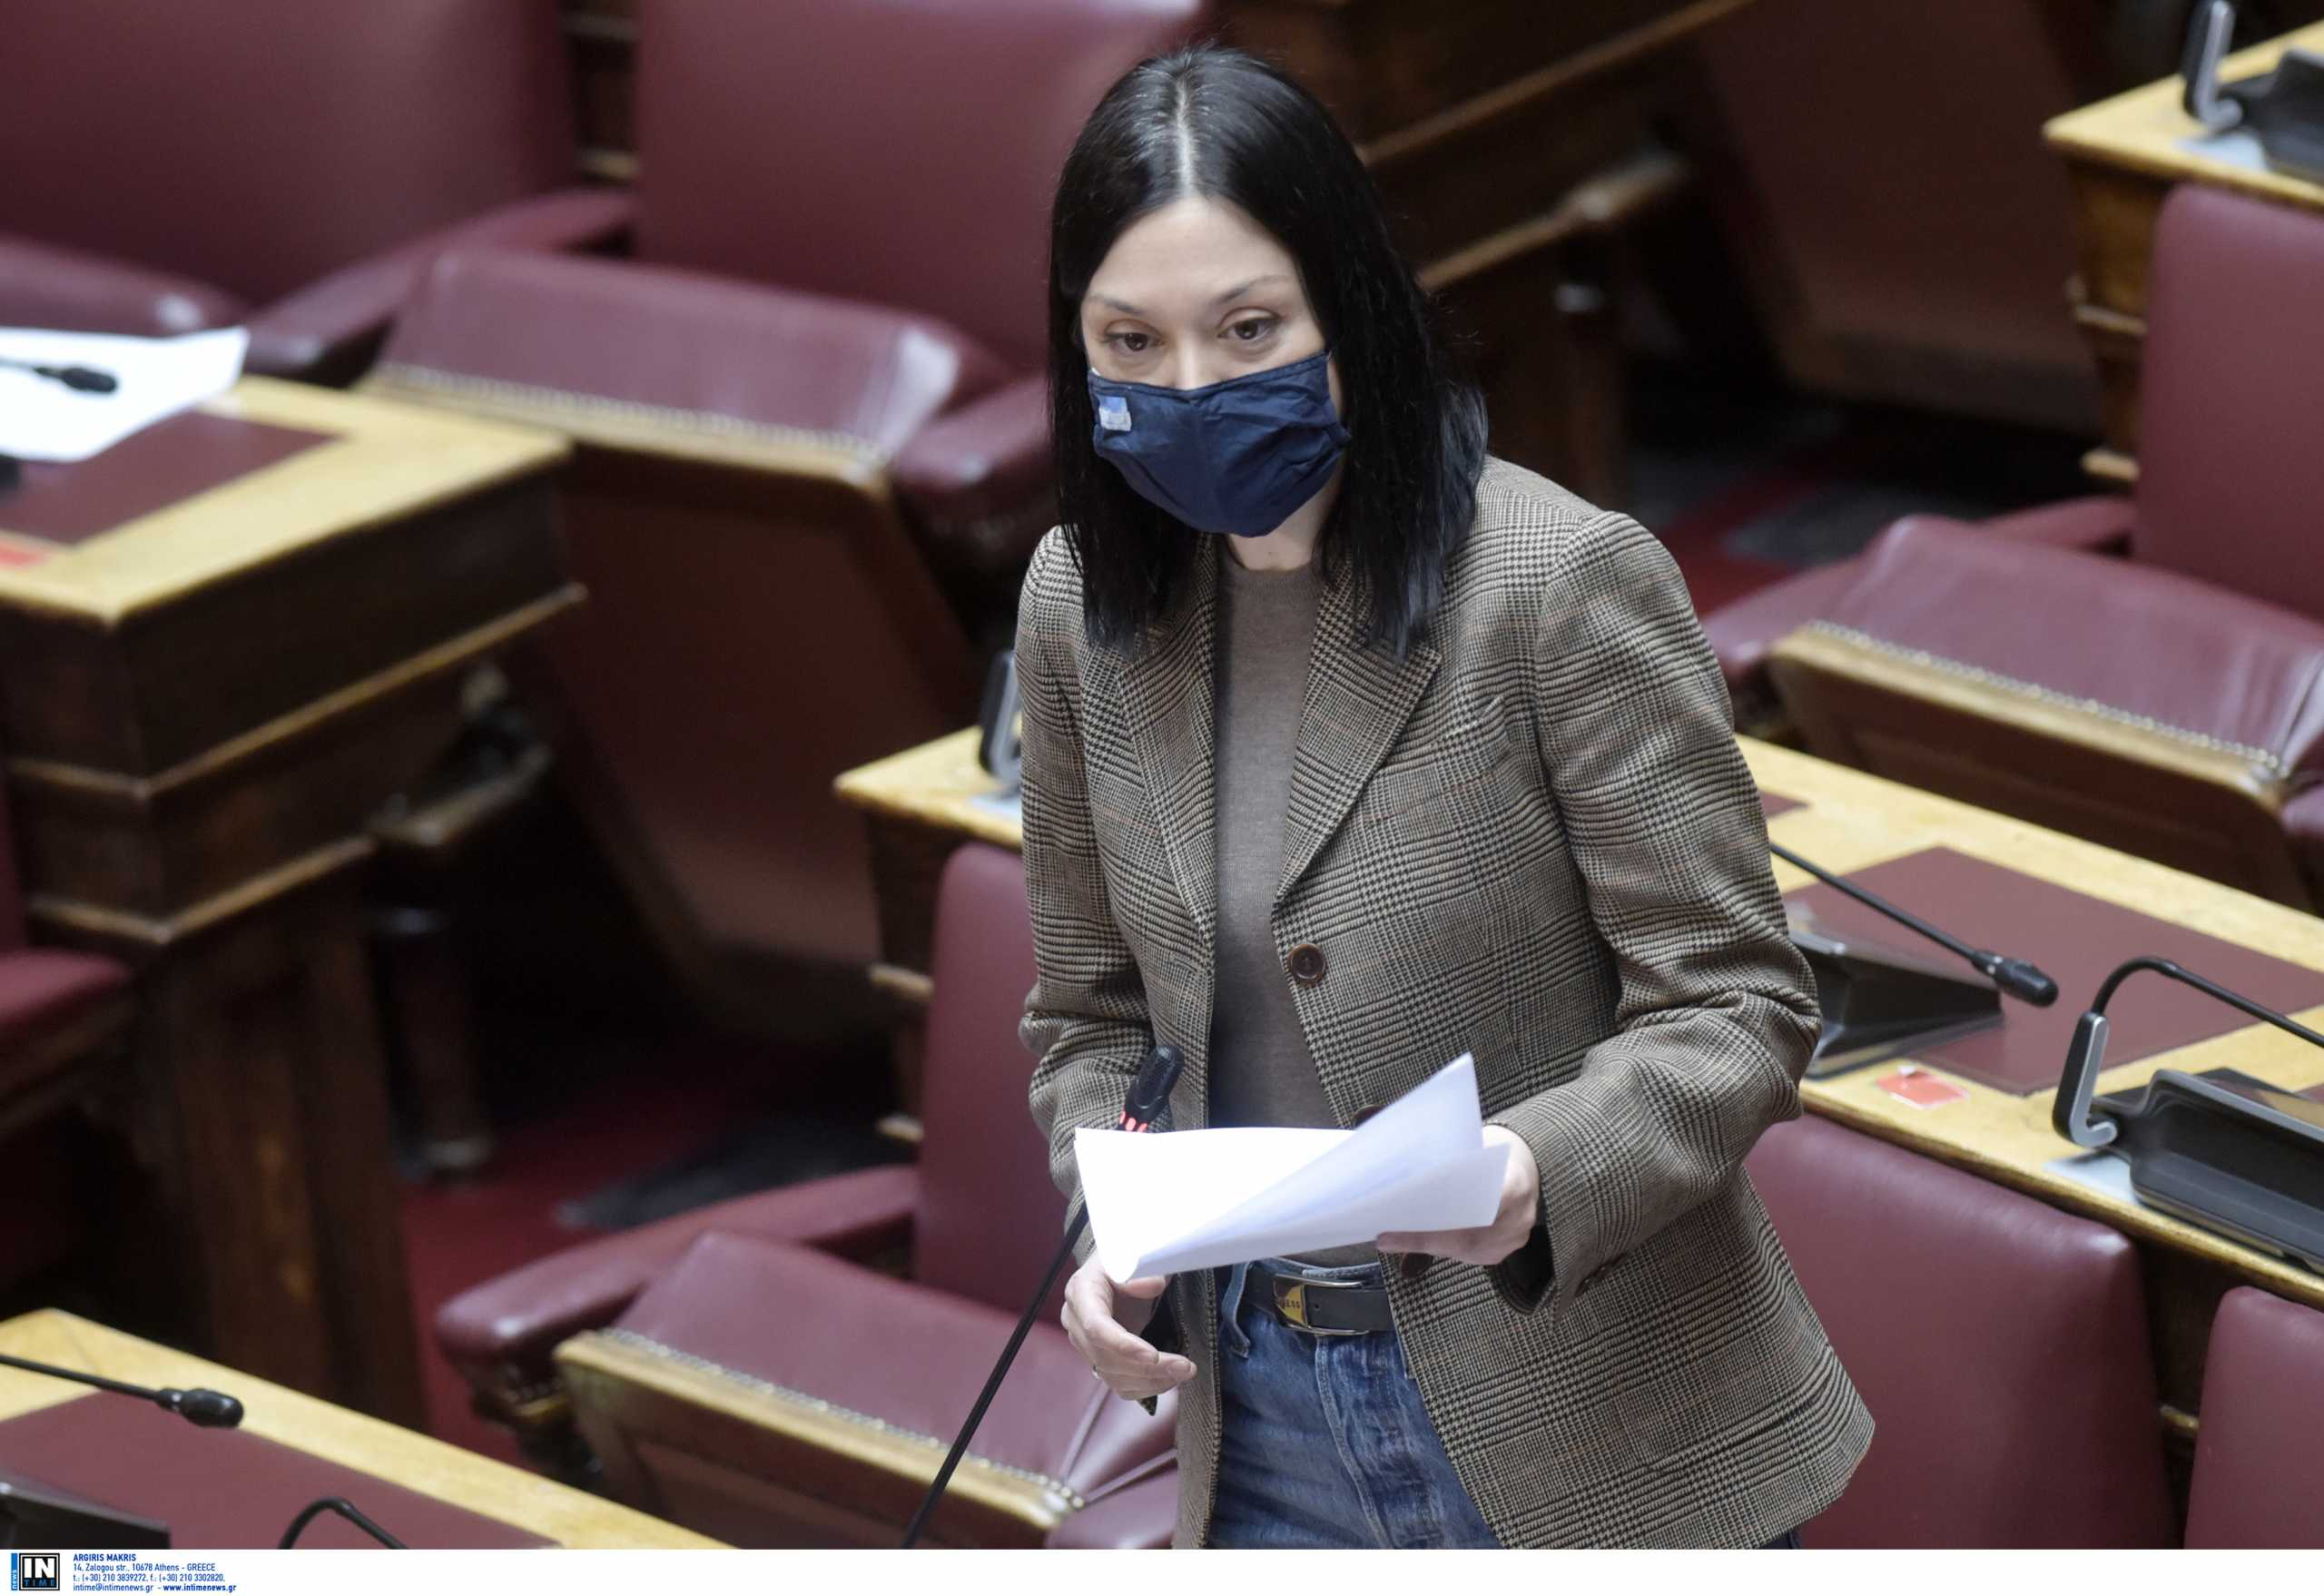 Νάντια Γιαννακόπουλου: Φρικιαστικές οι καταγγελίες, καθήκον να φτάσουν στη Βουλή (video)